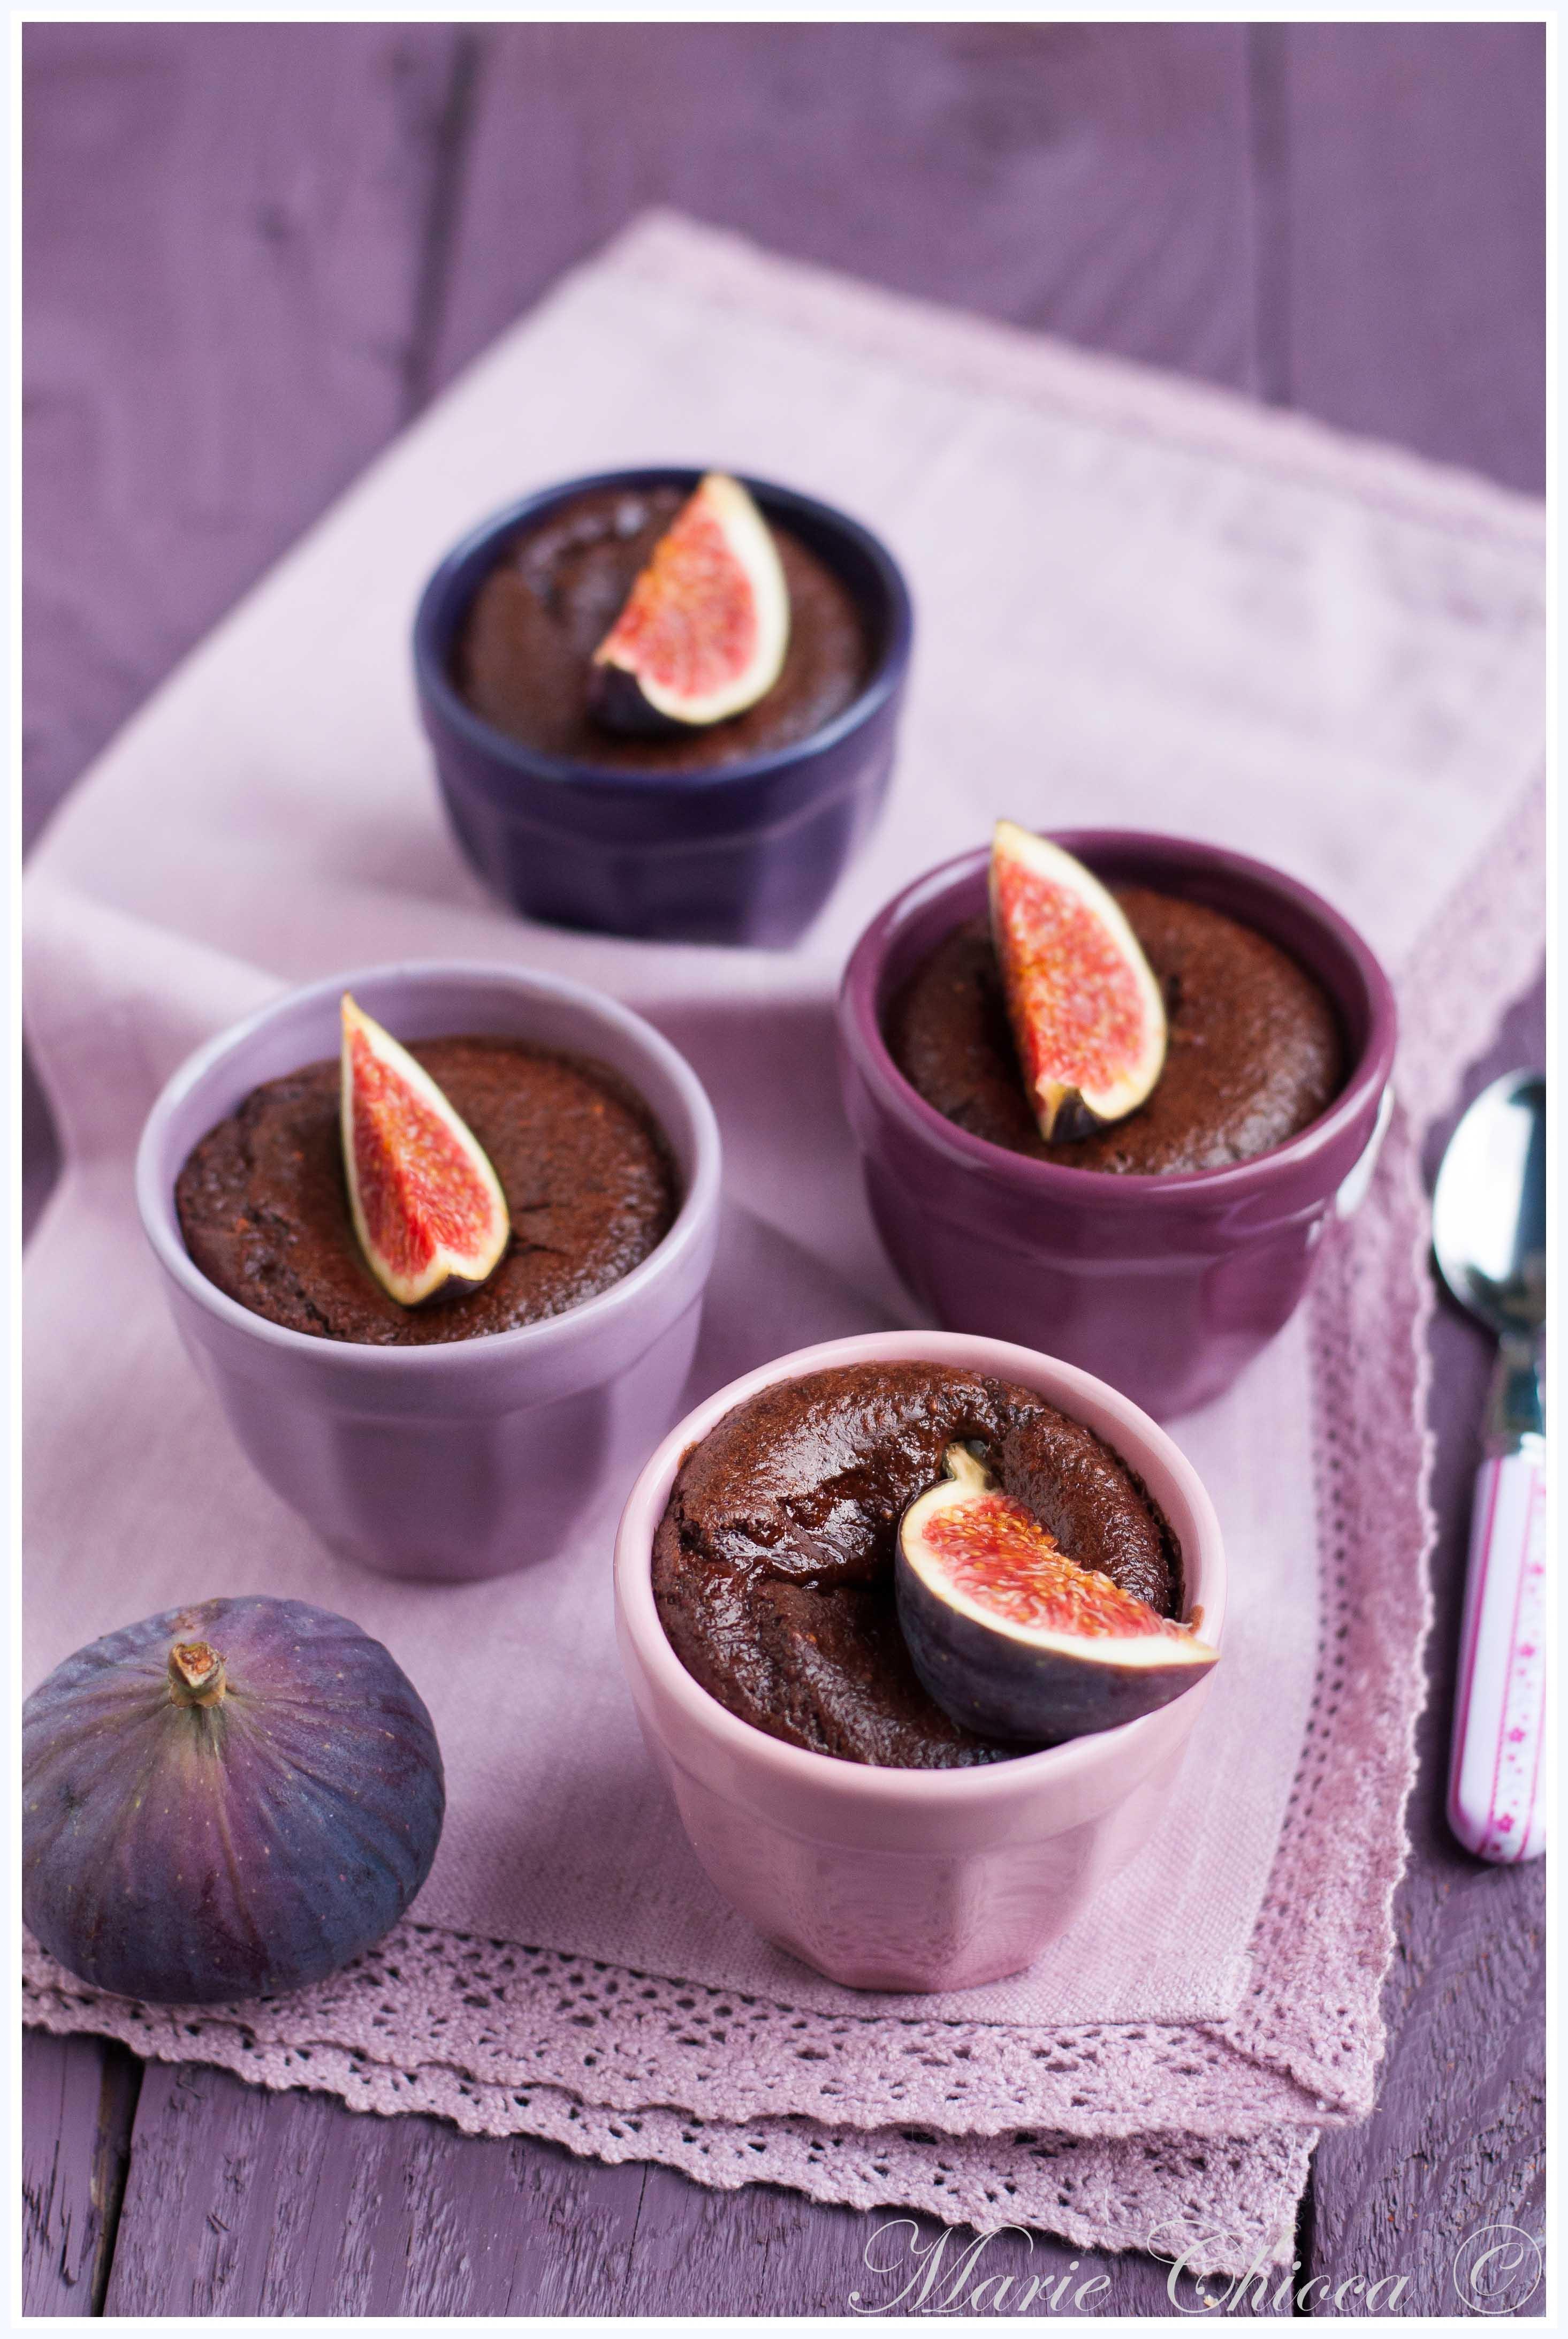 mi-cuits vanille et figues fraîches-2